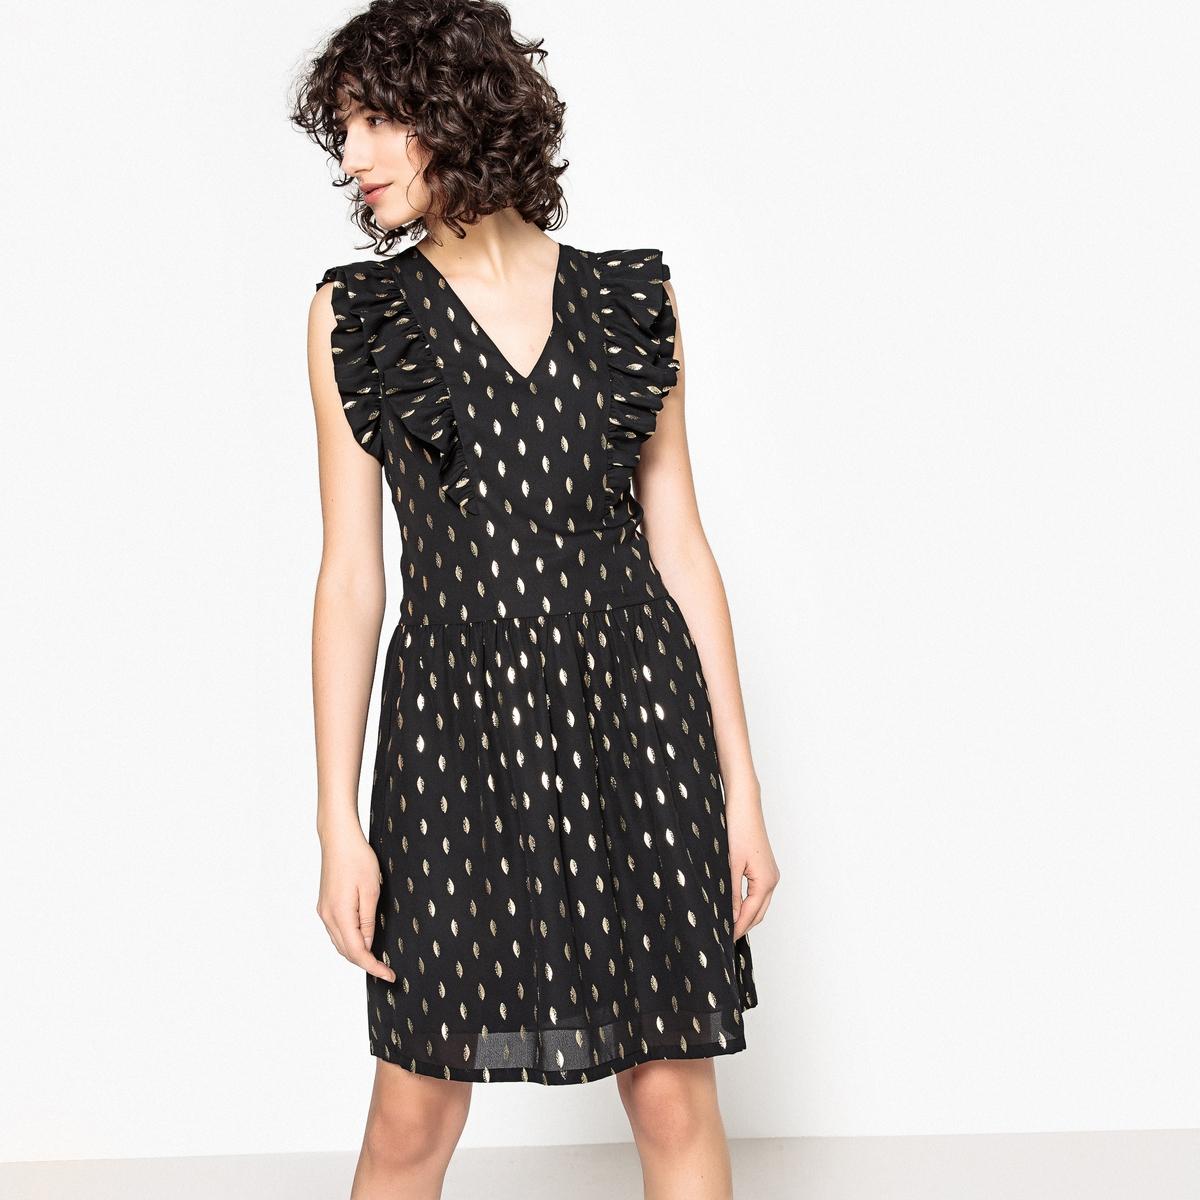 Sukienka rozkloszowana, w graficzny wzór, krótka